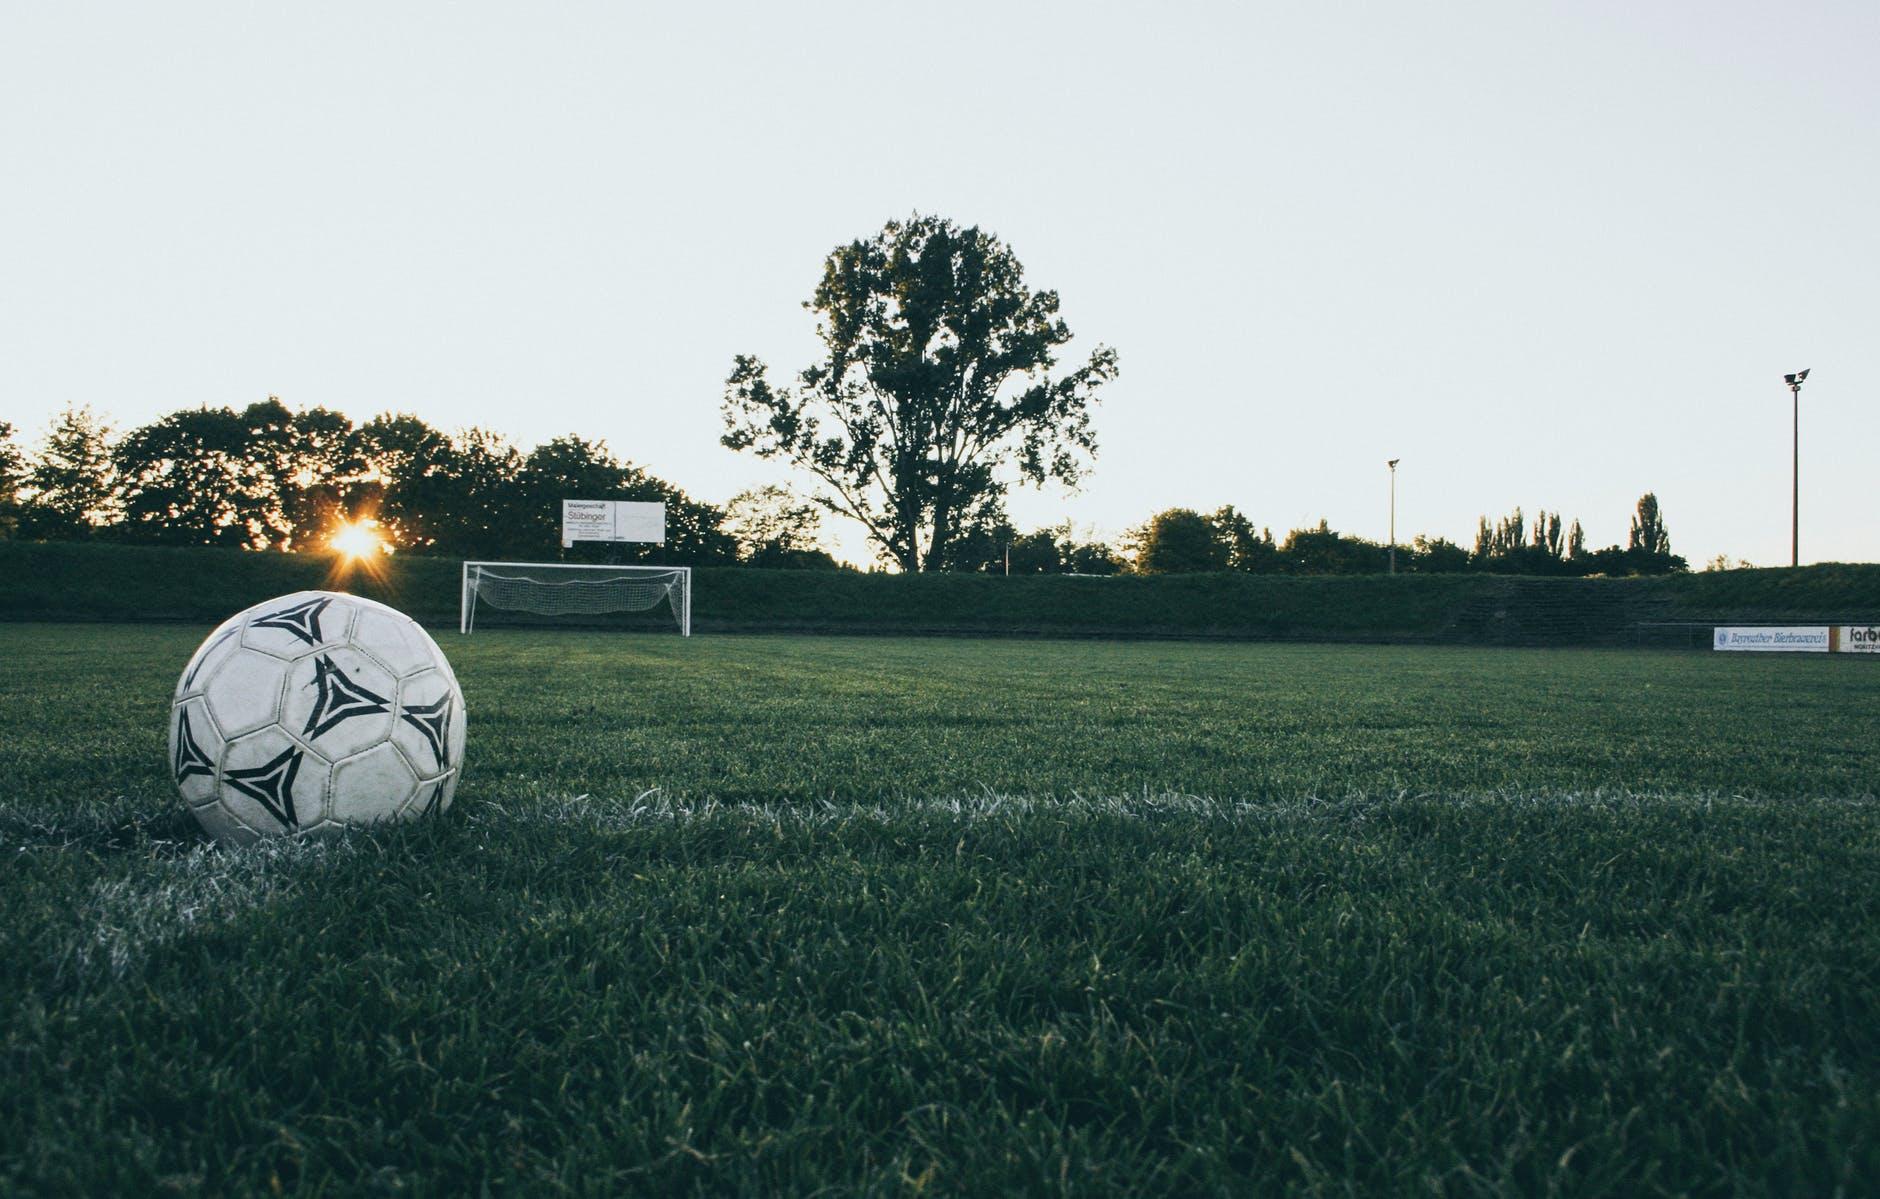 Soccer activité Peur adolescence espace moment ennui